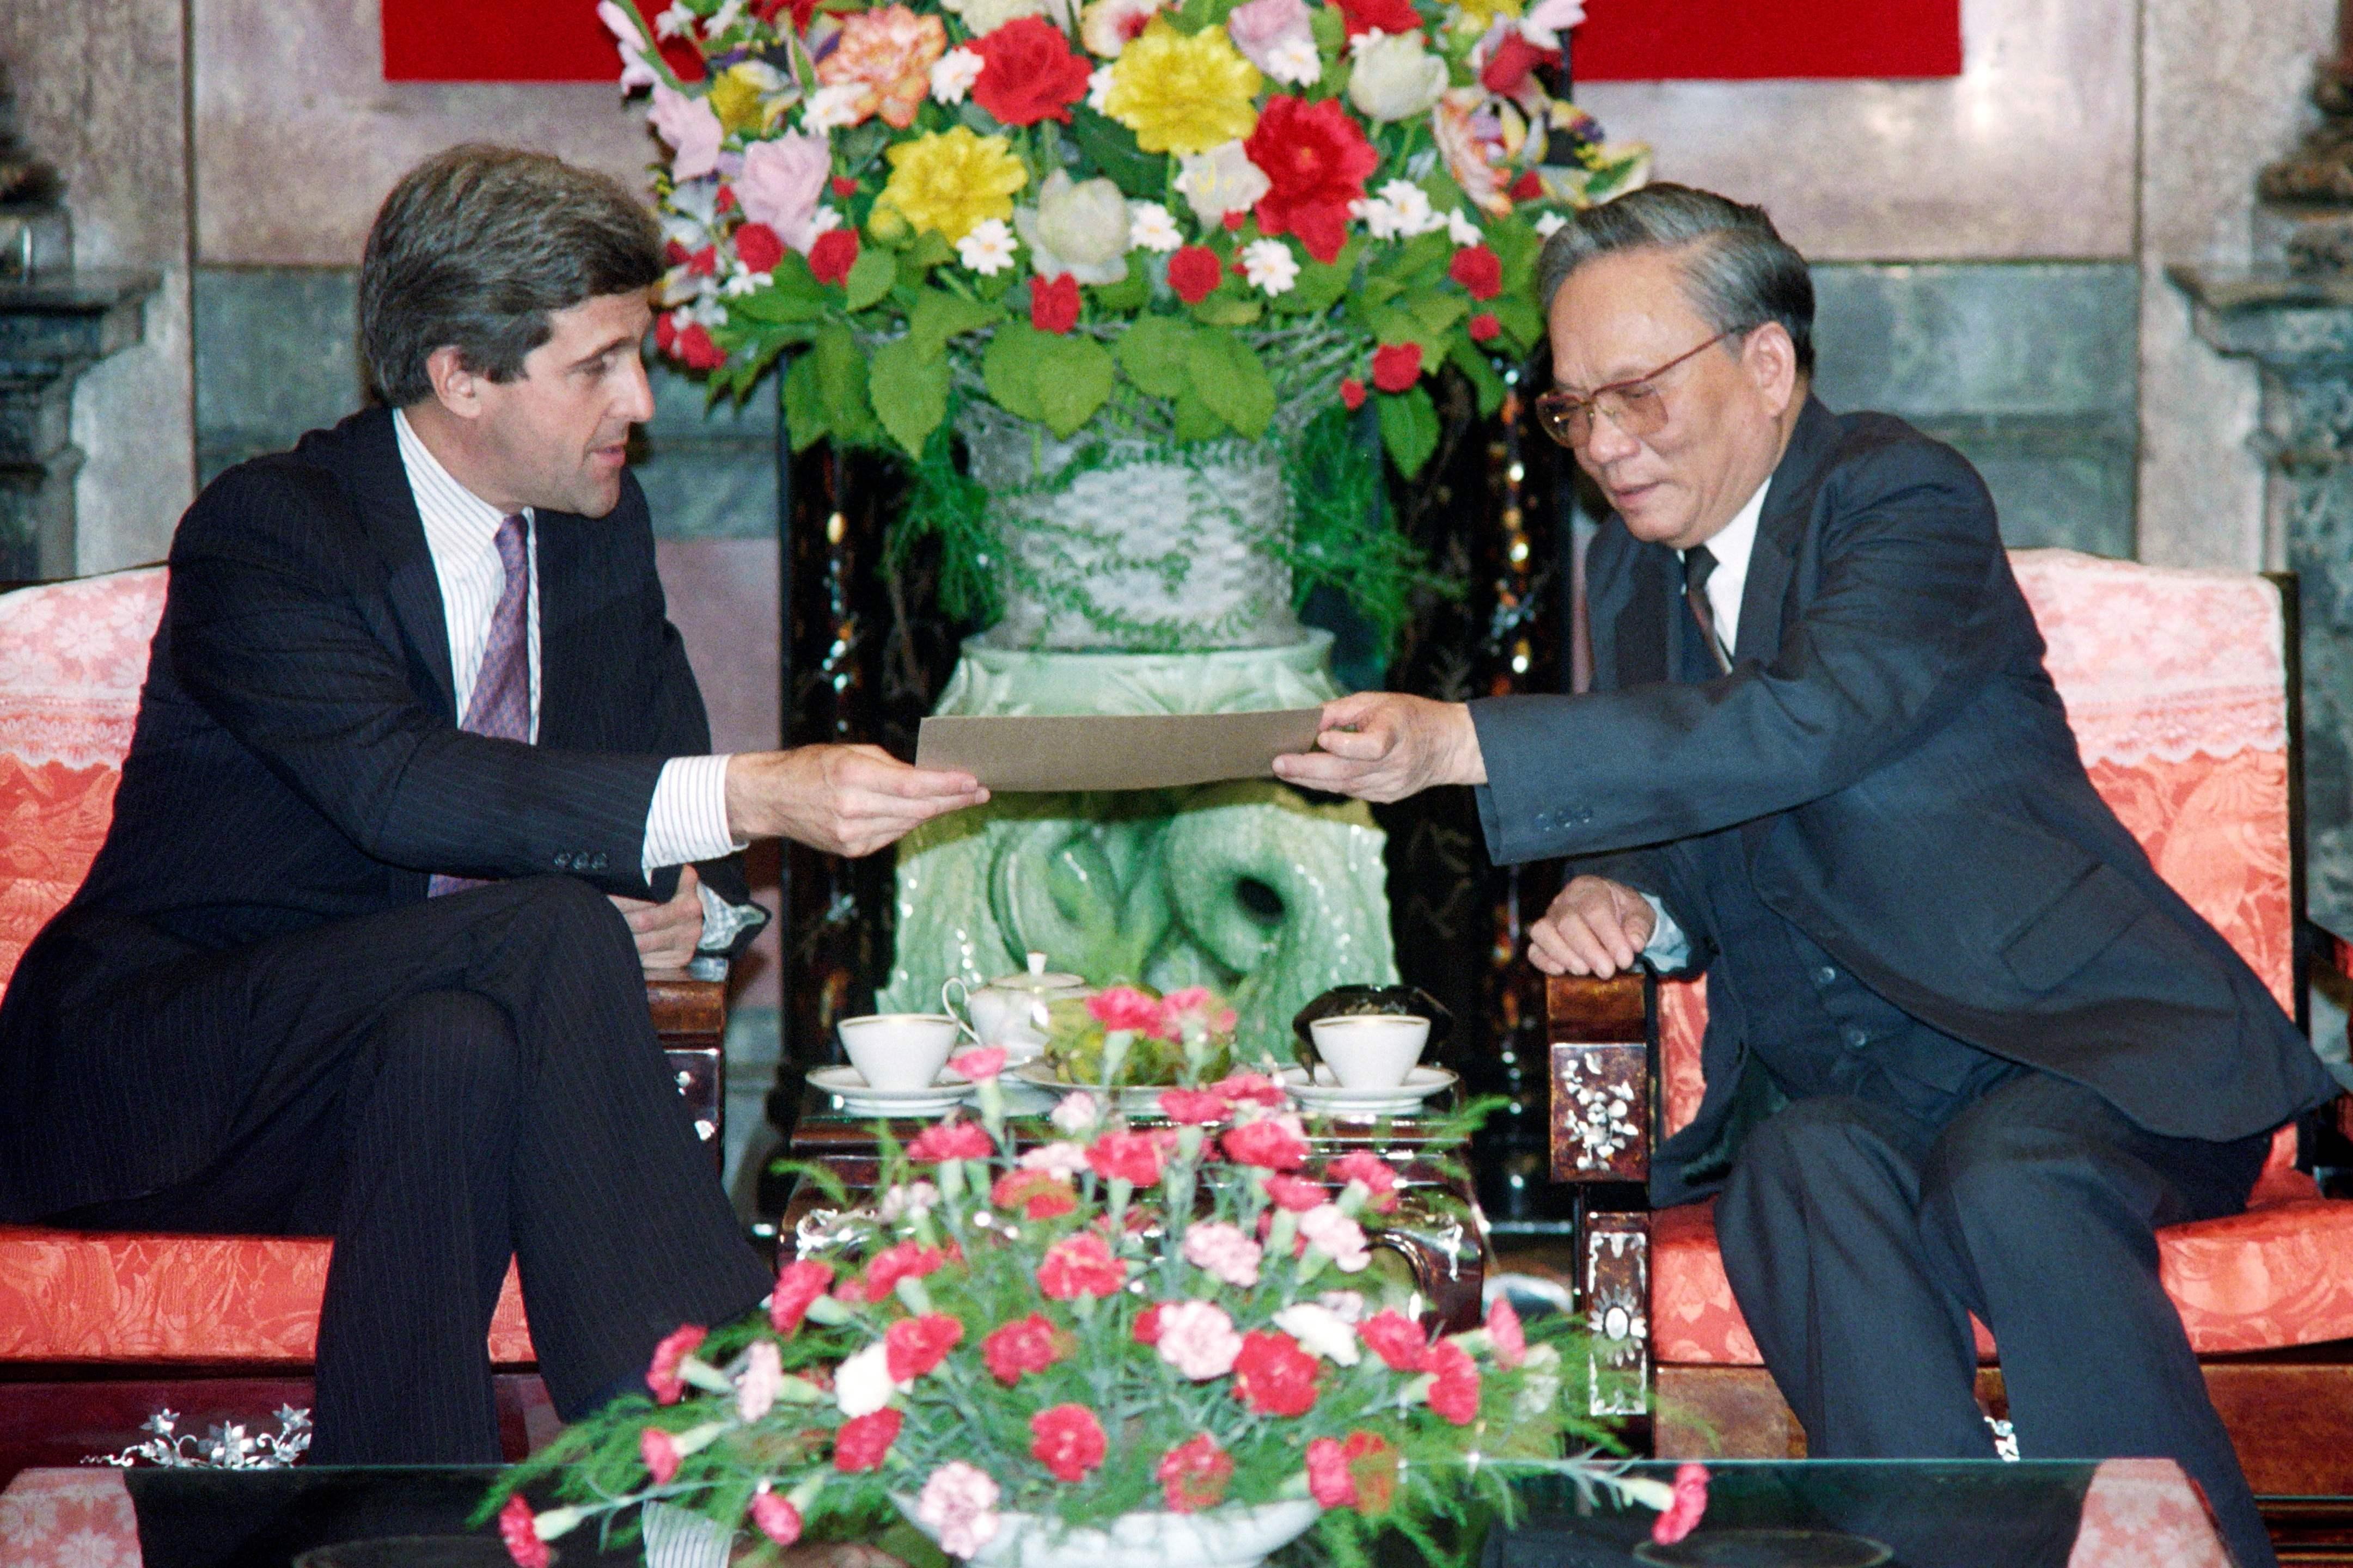 لي دوك آن خلال استقباله السيناتور جون كيري فى نوفمبر (تشرين الثاني) 1992 فى هانوي - أ ف ب